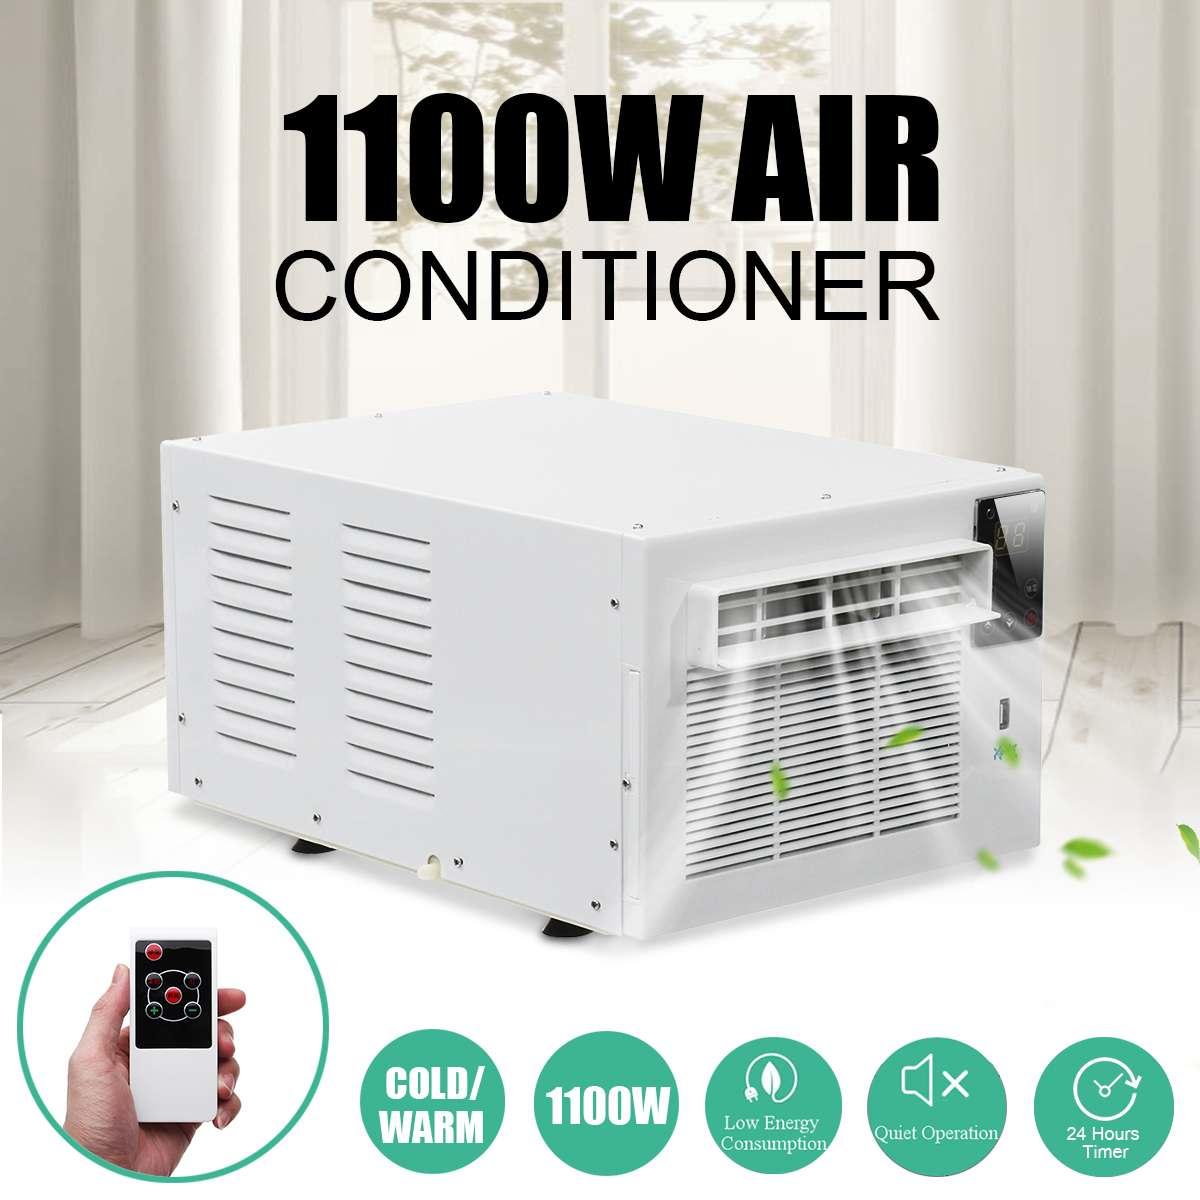 1100 W De Bureau climatiseur 220 V/AC 24-heure minuterie Froid/Chaleur à double usage Avec télécommande led panneau de contrôle Pet air conditione